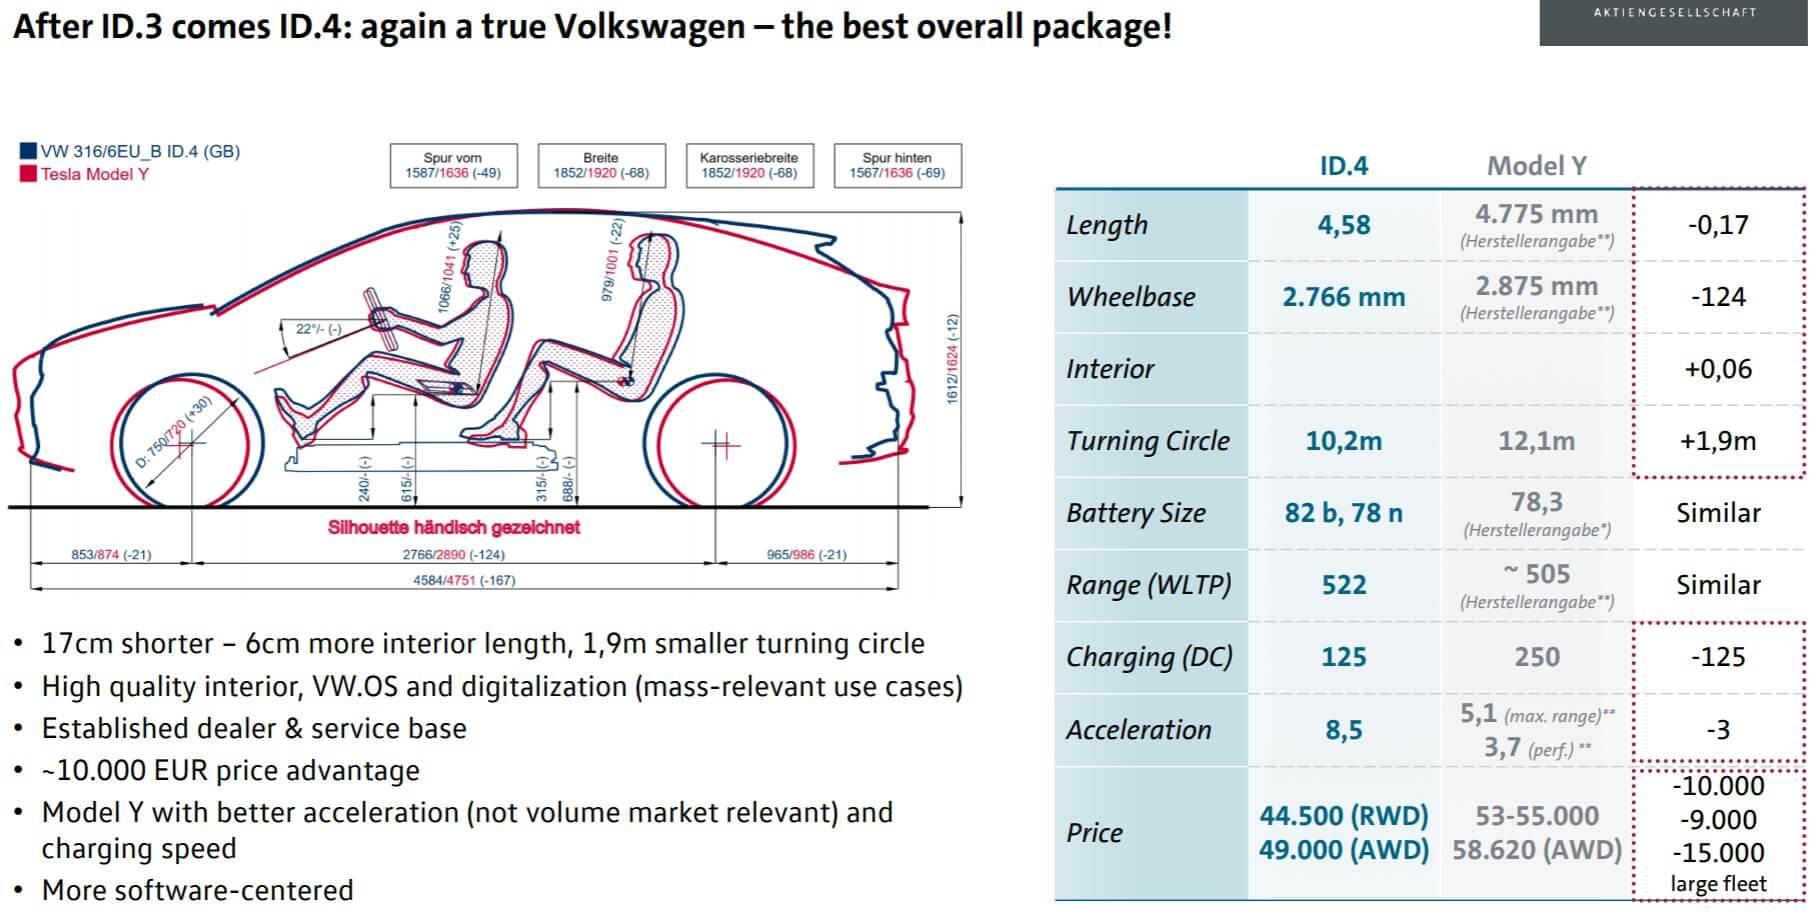 Volkswagen выделяет преимущества ID.4в сравнении сTesla Model Y